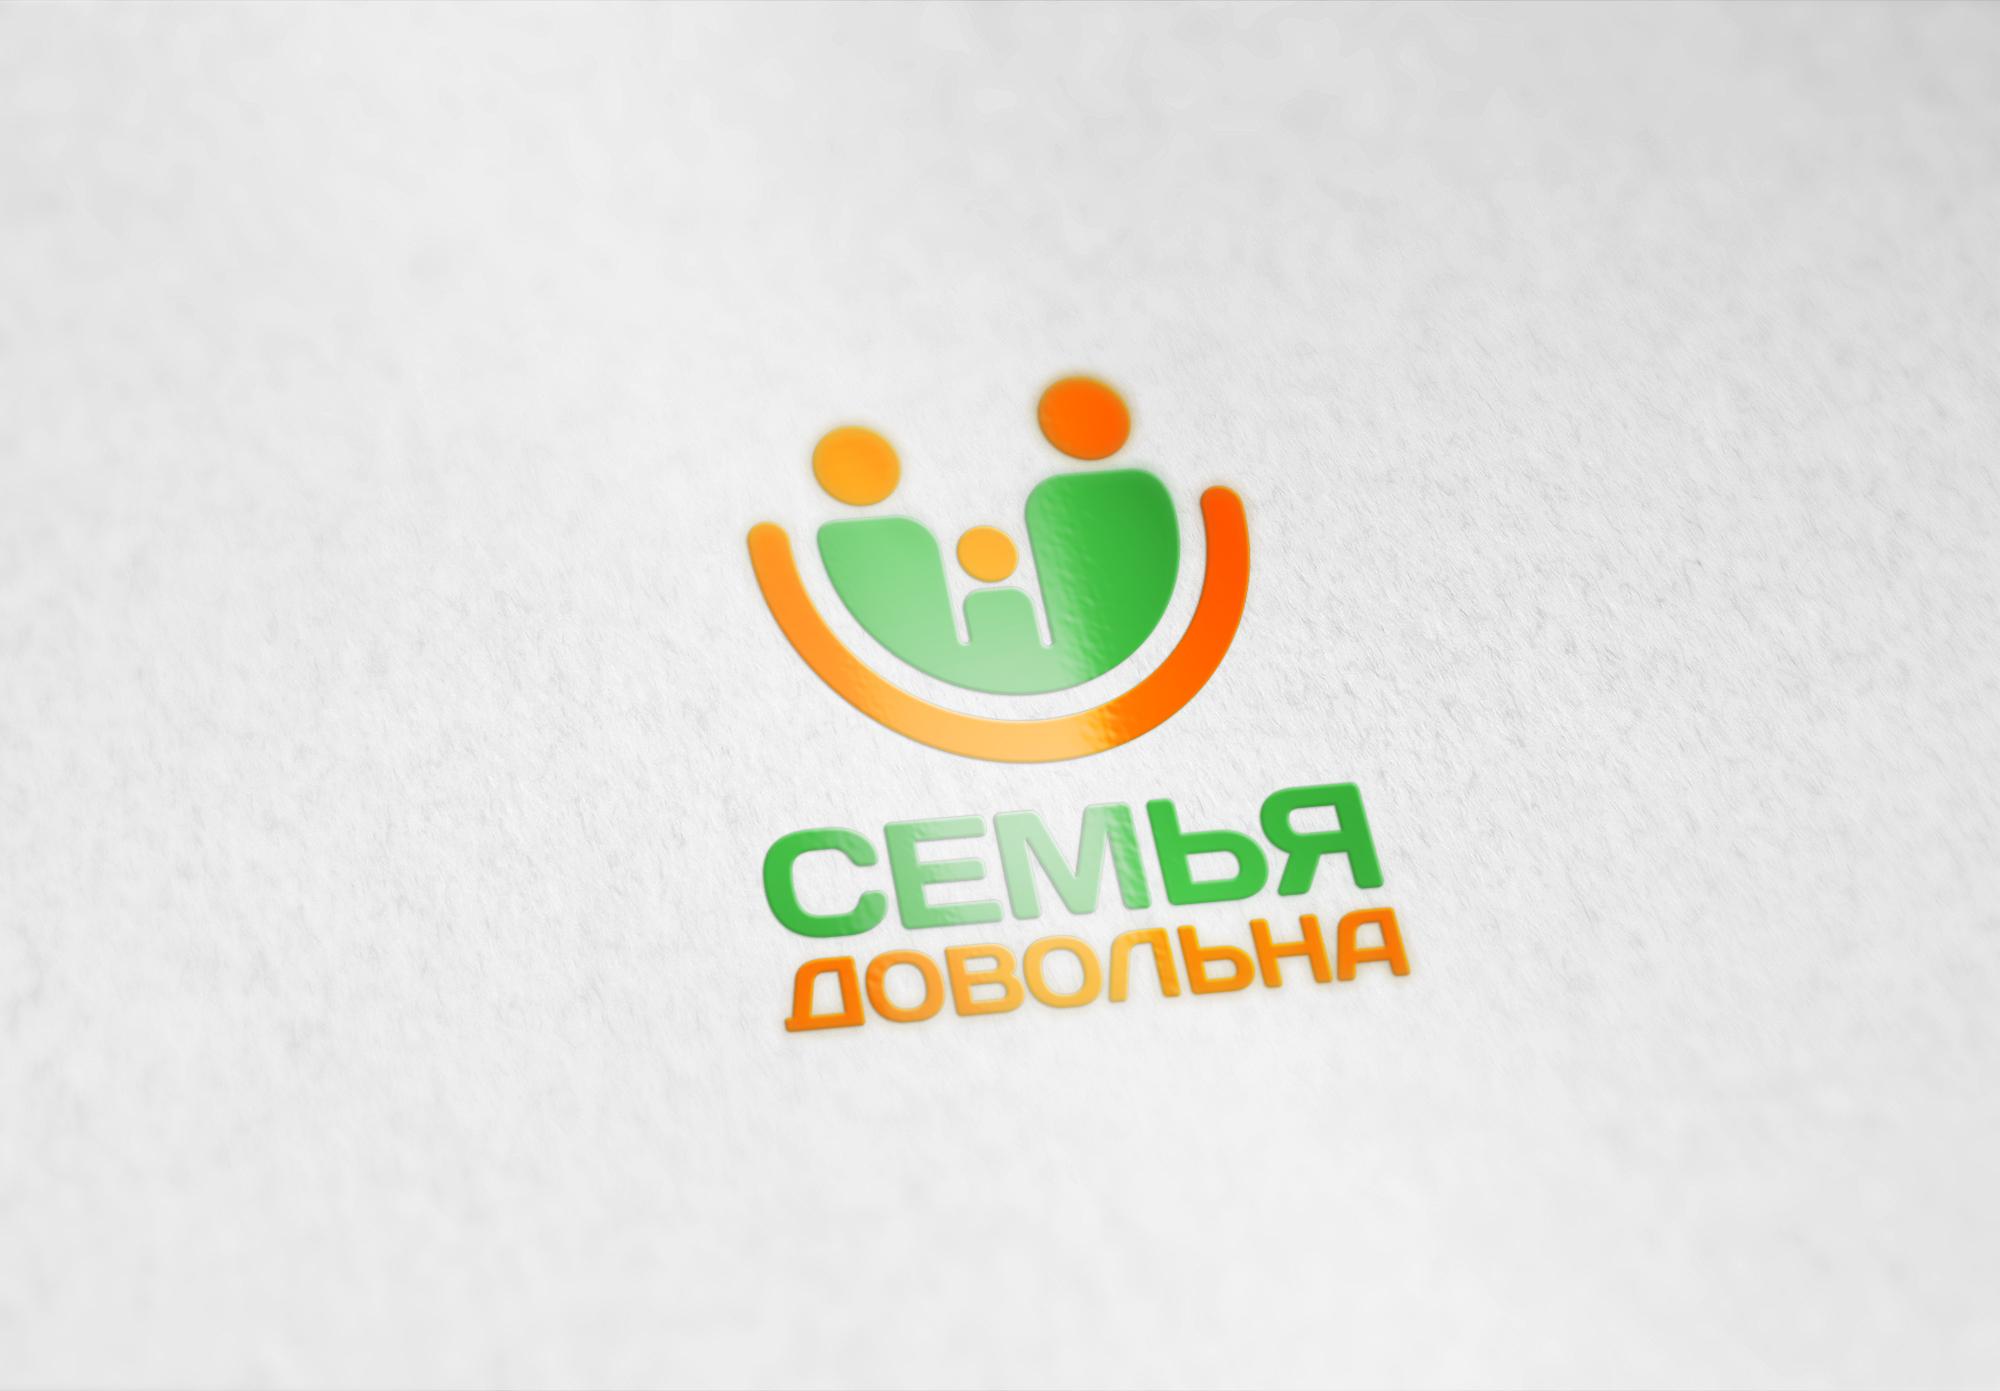 """Разработайте логотип для торговой марки """"Семья довольна"""" фото f_4175b9a8ab61703d.jpg"""